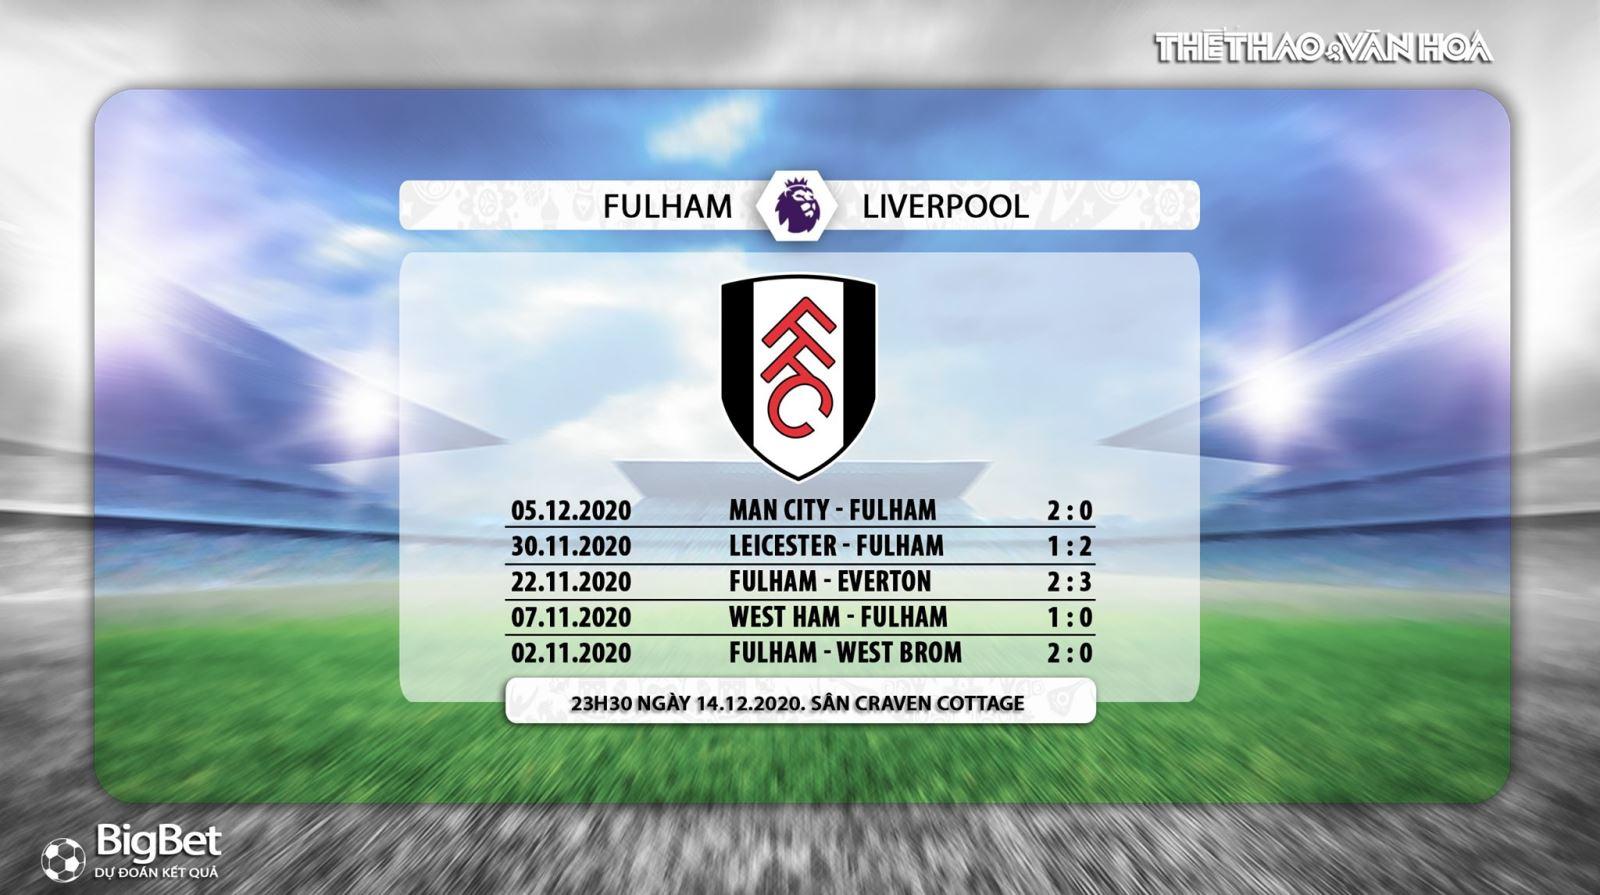 Truc tiep bong da, K+PM, Fulham vs Liverpool, Ngoại hạng Anh vòng 12, xem bóng đá trực tuyến Fulham đấu với Liverpool, trực tiếp bóng đá hôm nay, ngoại hạng Anh